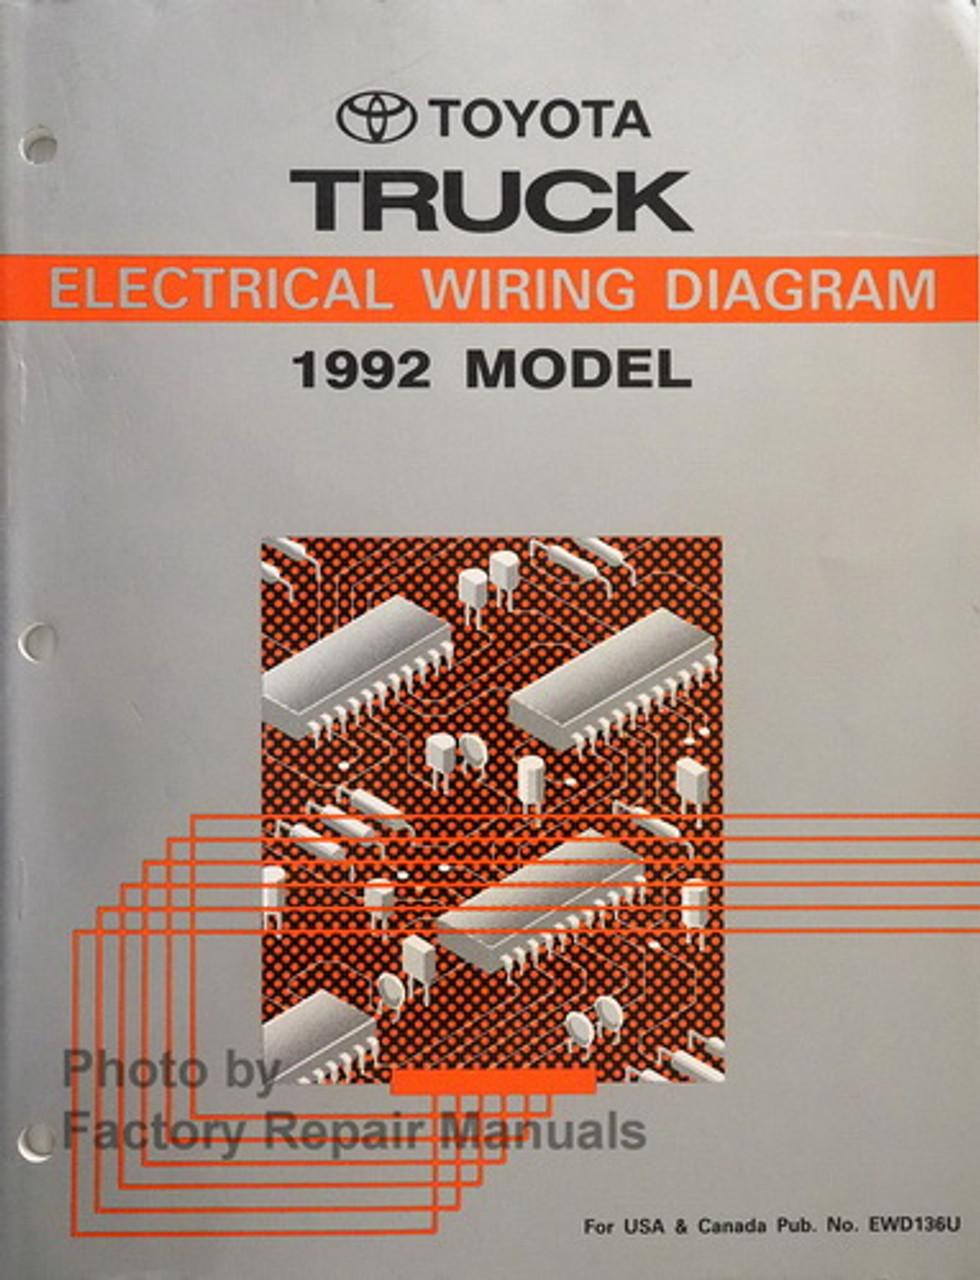 1992 Toyota Pickup Truck Electrical Wiring Diagrams Original - Factory  Repair ManualsFactory Repair Manuals